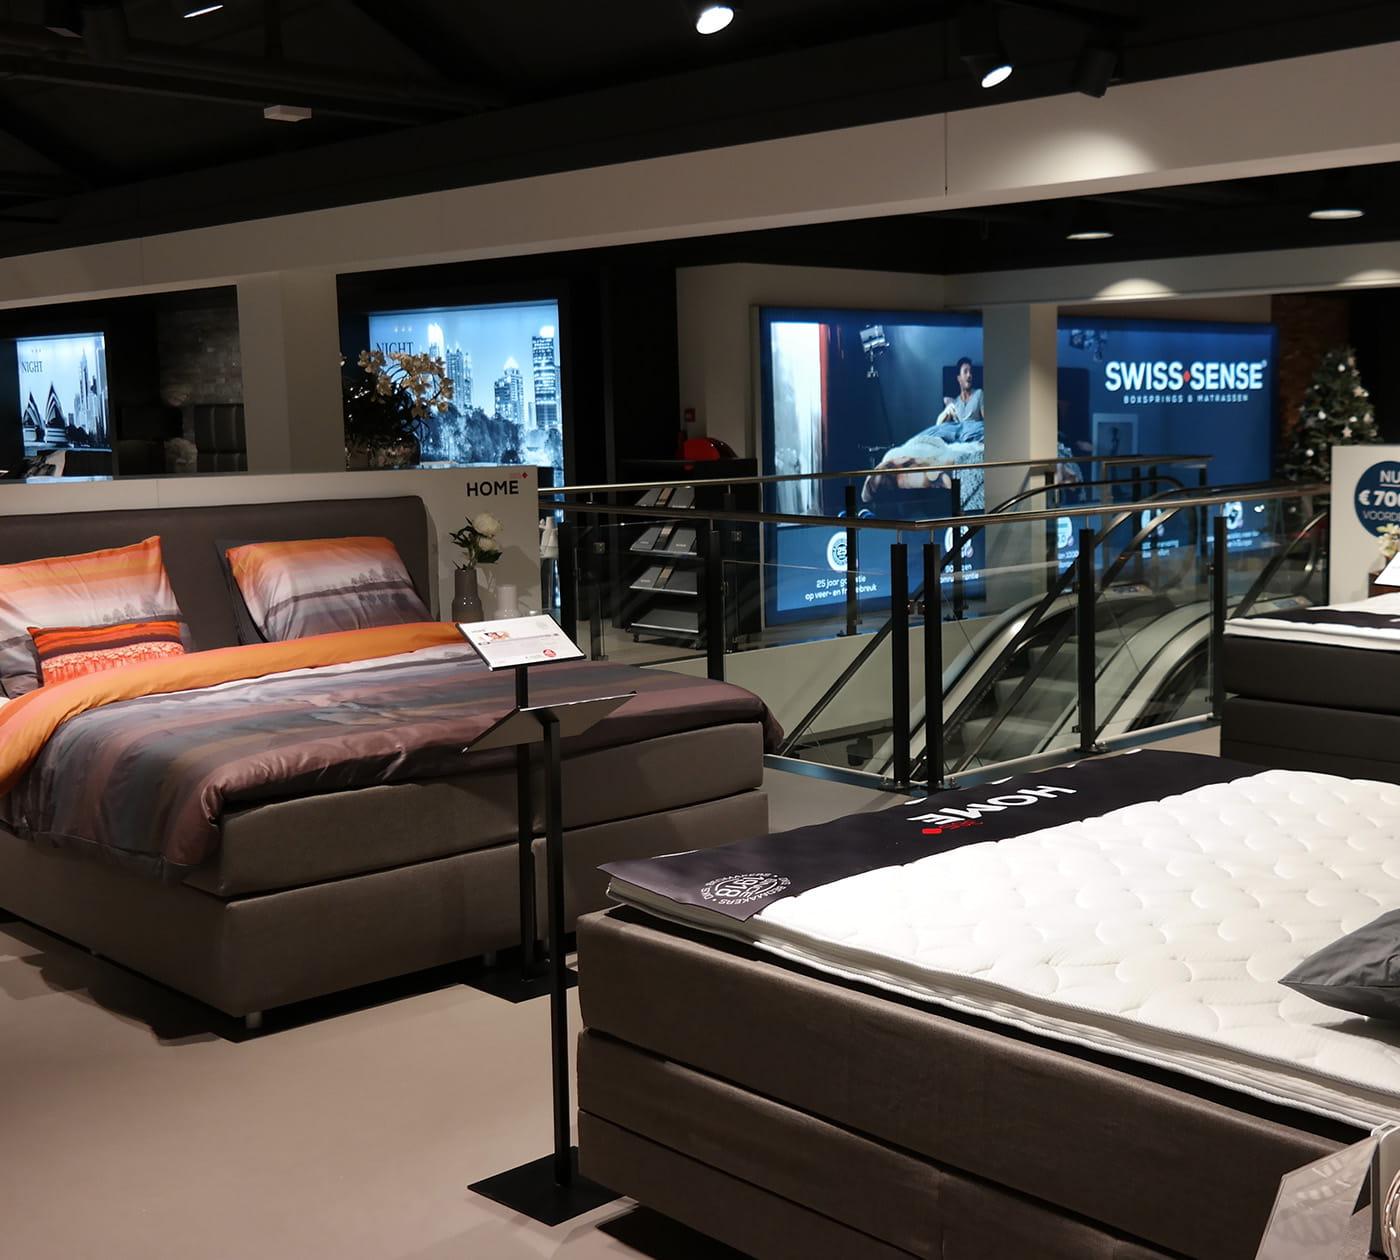 boxspringbetten und matratzen in utrecht swiss sense. Black Bedroom Furniture Sets. Home Design Ideas